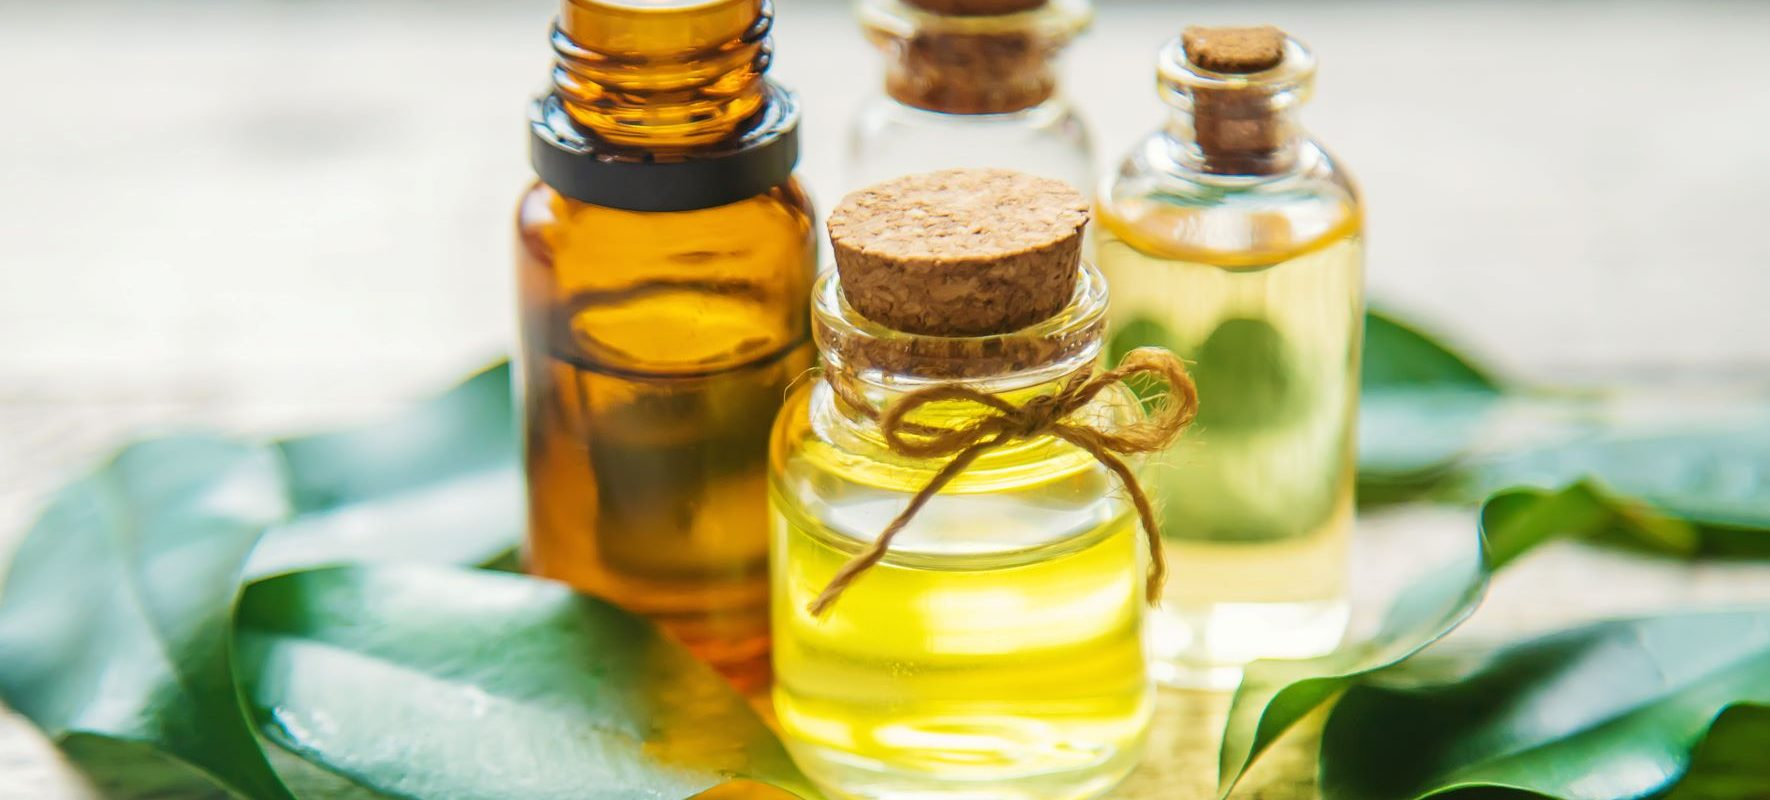 Olejek rycynowy na włosy, rzęsy, skórę i paznokcie. Jak stosować olejek w pielęgnacji ciała i na co pomaga?